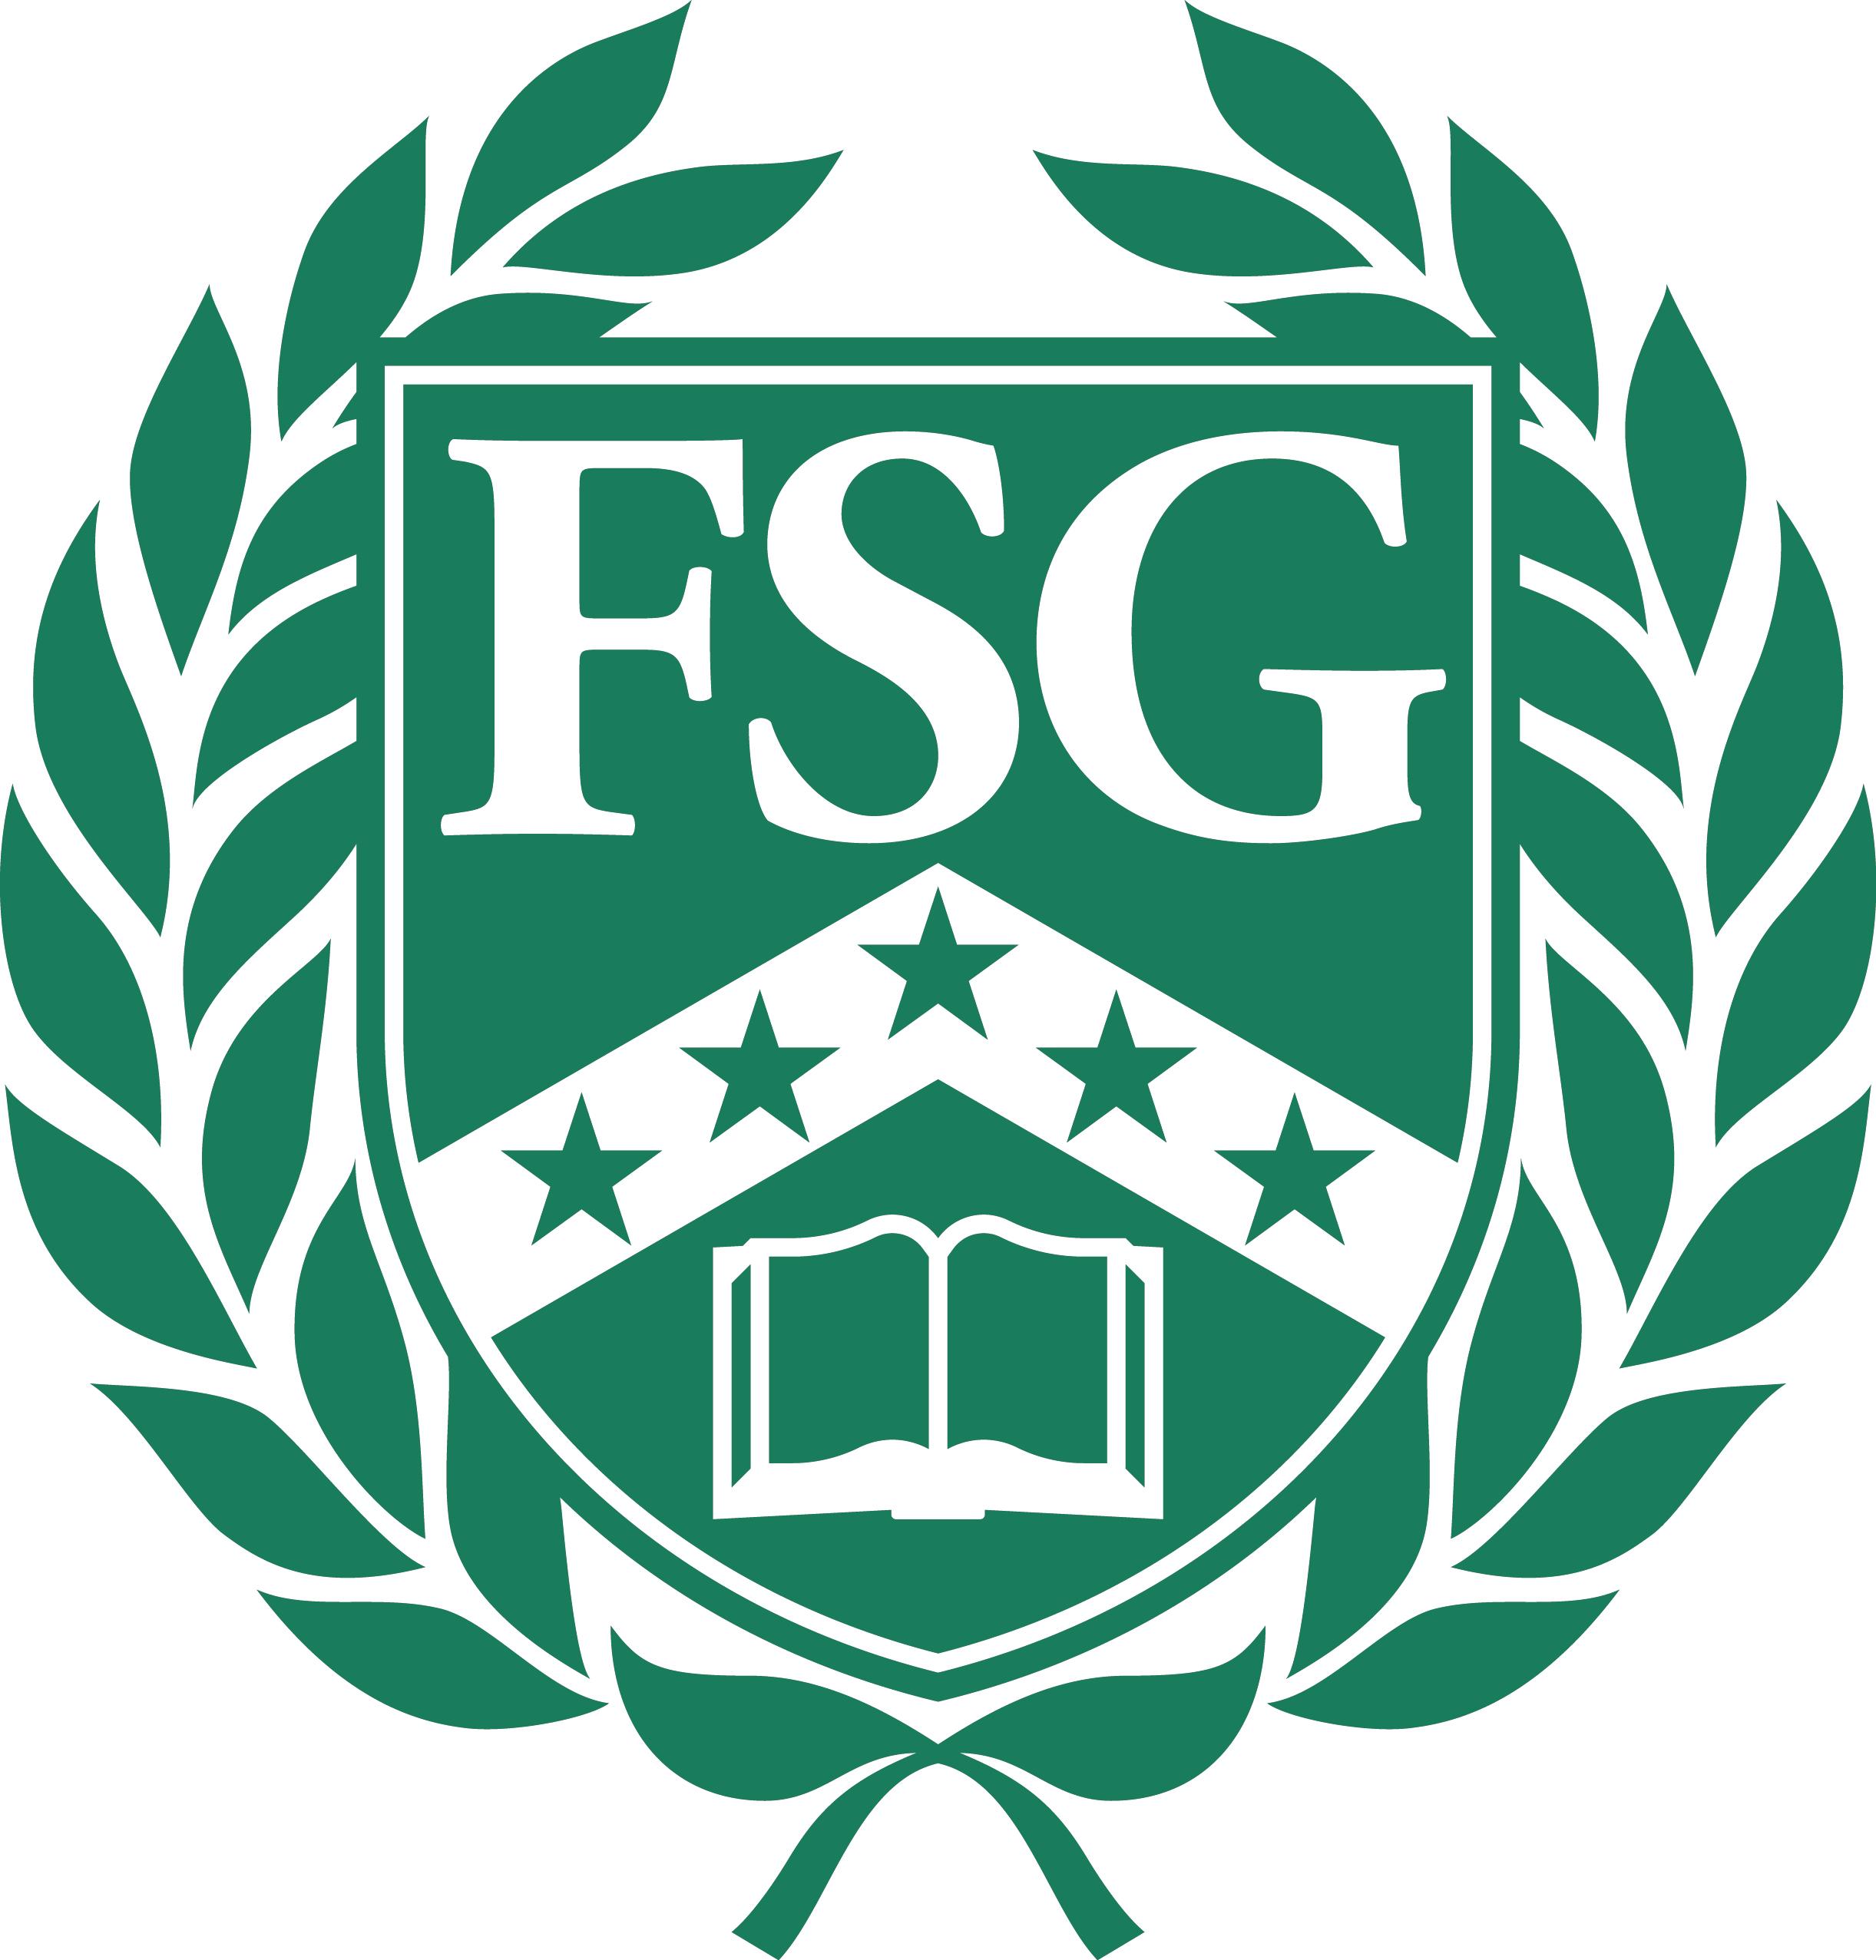 福島県の専門学校グループFSGカ...